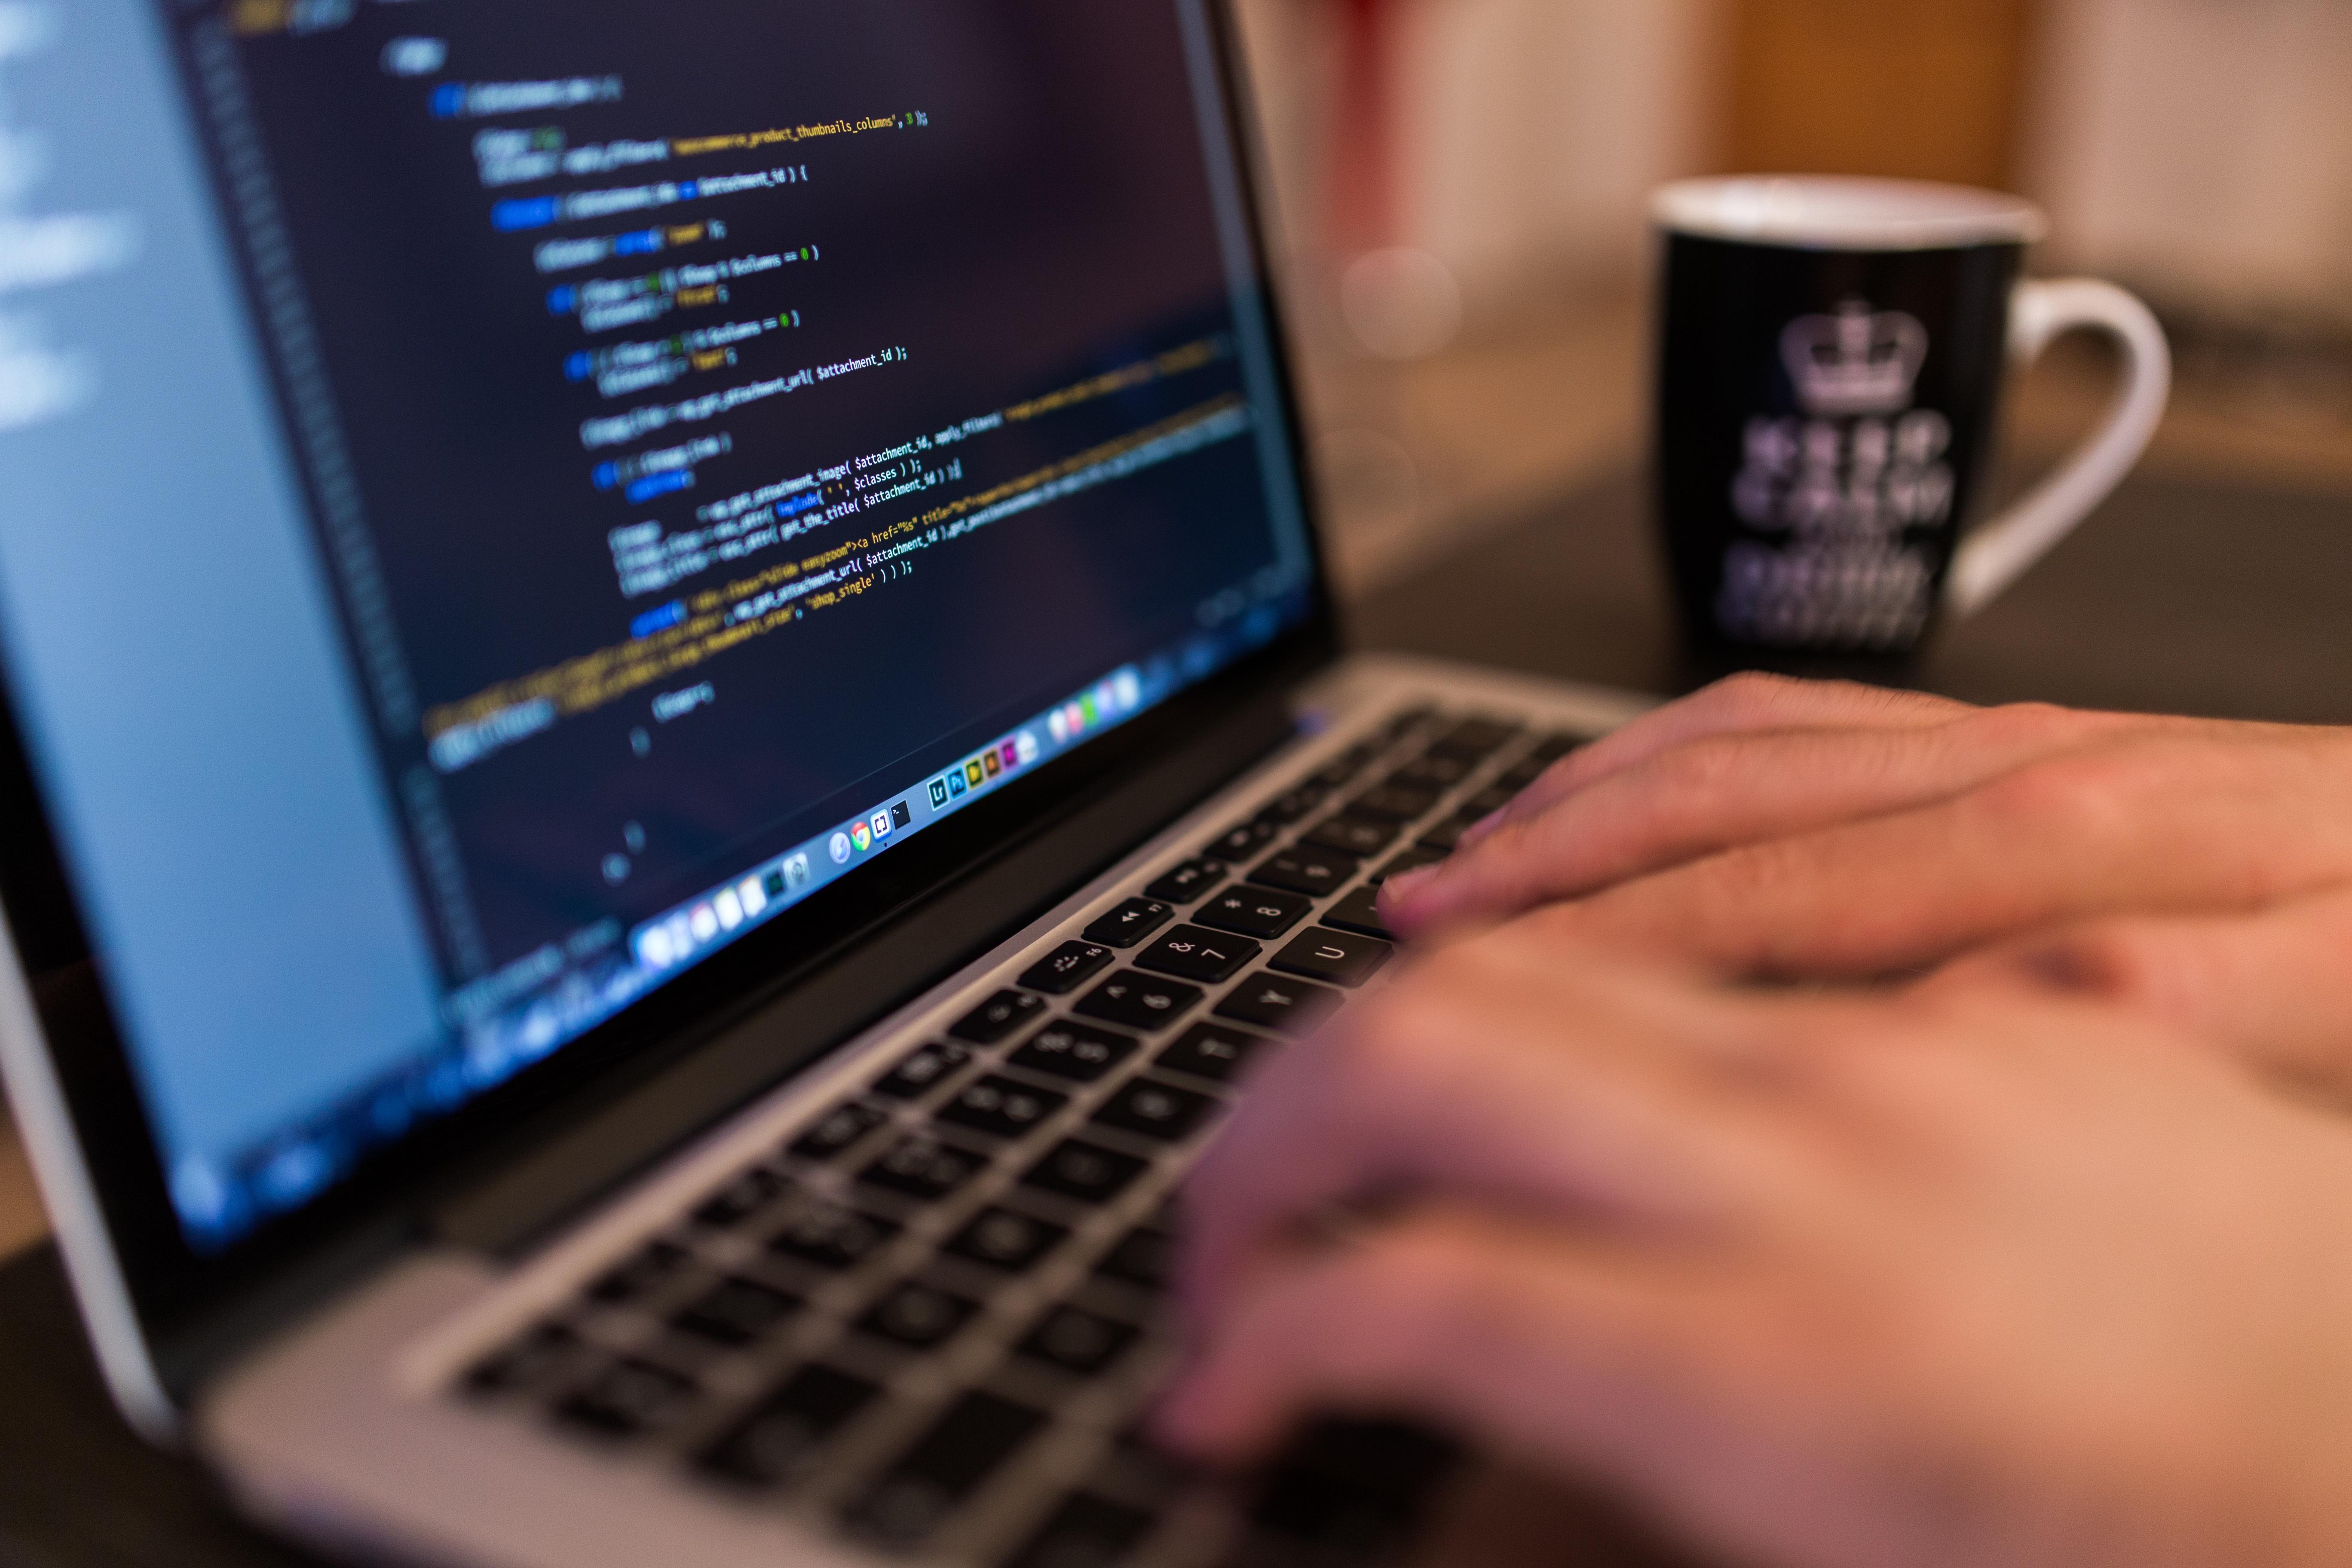 Foto: Hände, die auf einer Tastatur tippen. Code auf dem Bildschirm. (Credit CC 0: Luis Llerena/Unsplash)